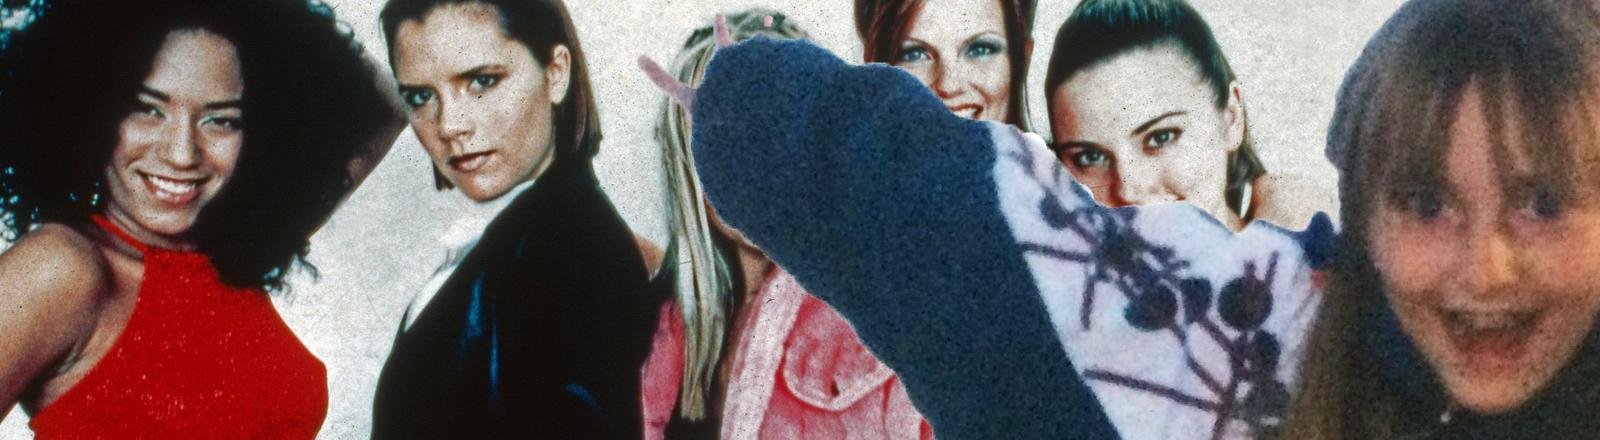 Eine Collage aus einem alten Foto der Spice Girls und einem Kinderfoto von Wlada Kolosowa